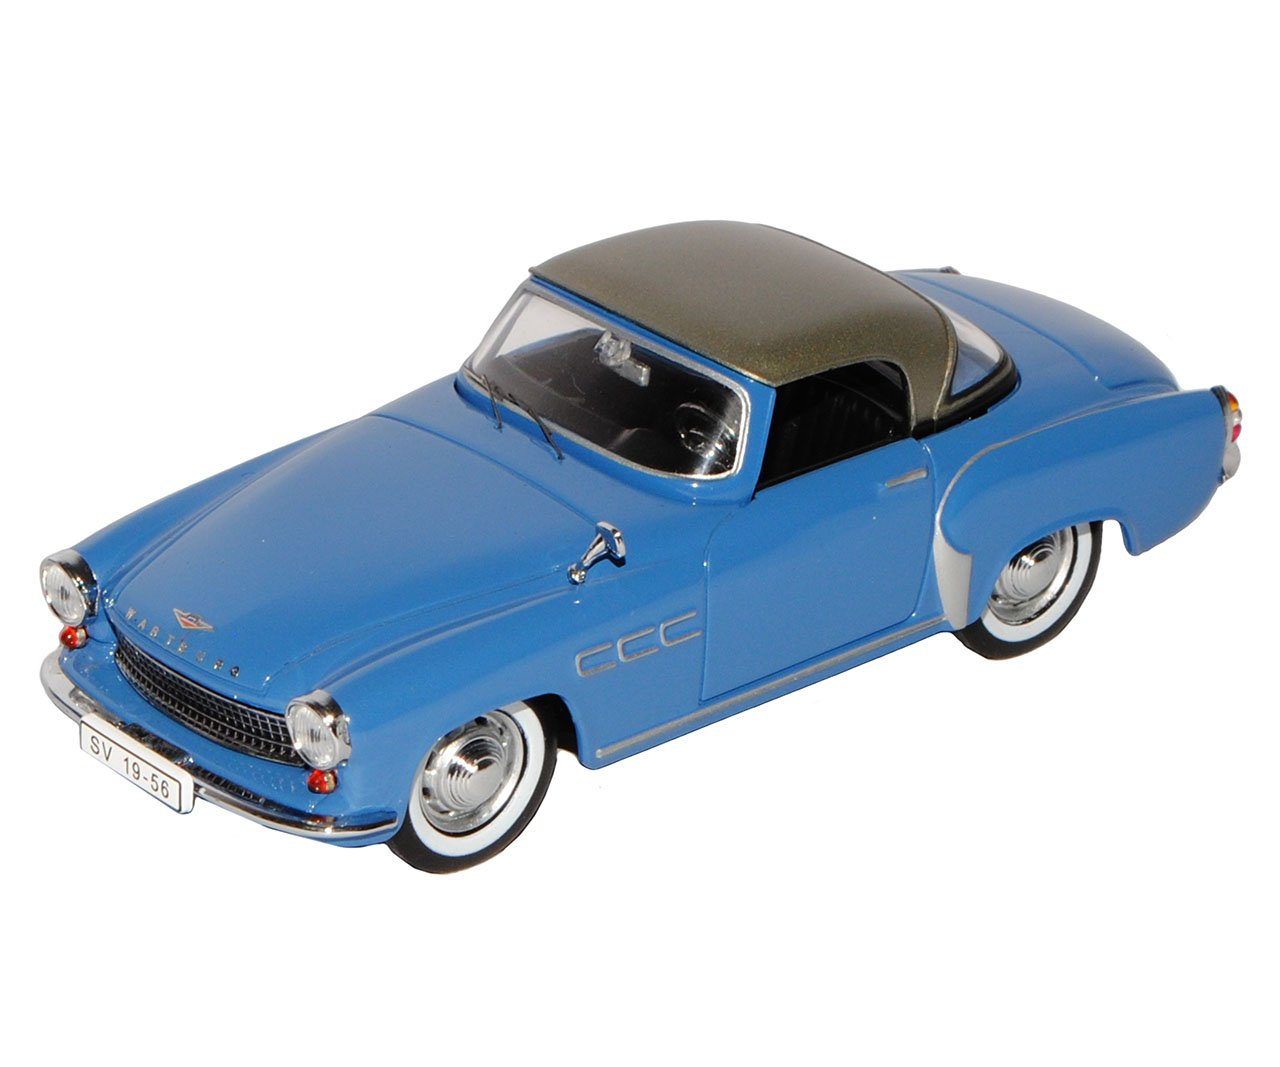 Ixo Wartburg 313-1 Coupe Blau Silber Silber Silber 1957-1960 CCC073 1/43 Modell Auto mit individiuellem Wunschkennzeichen f06e91